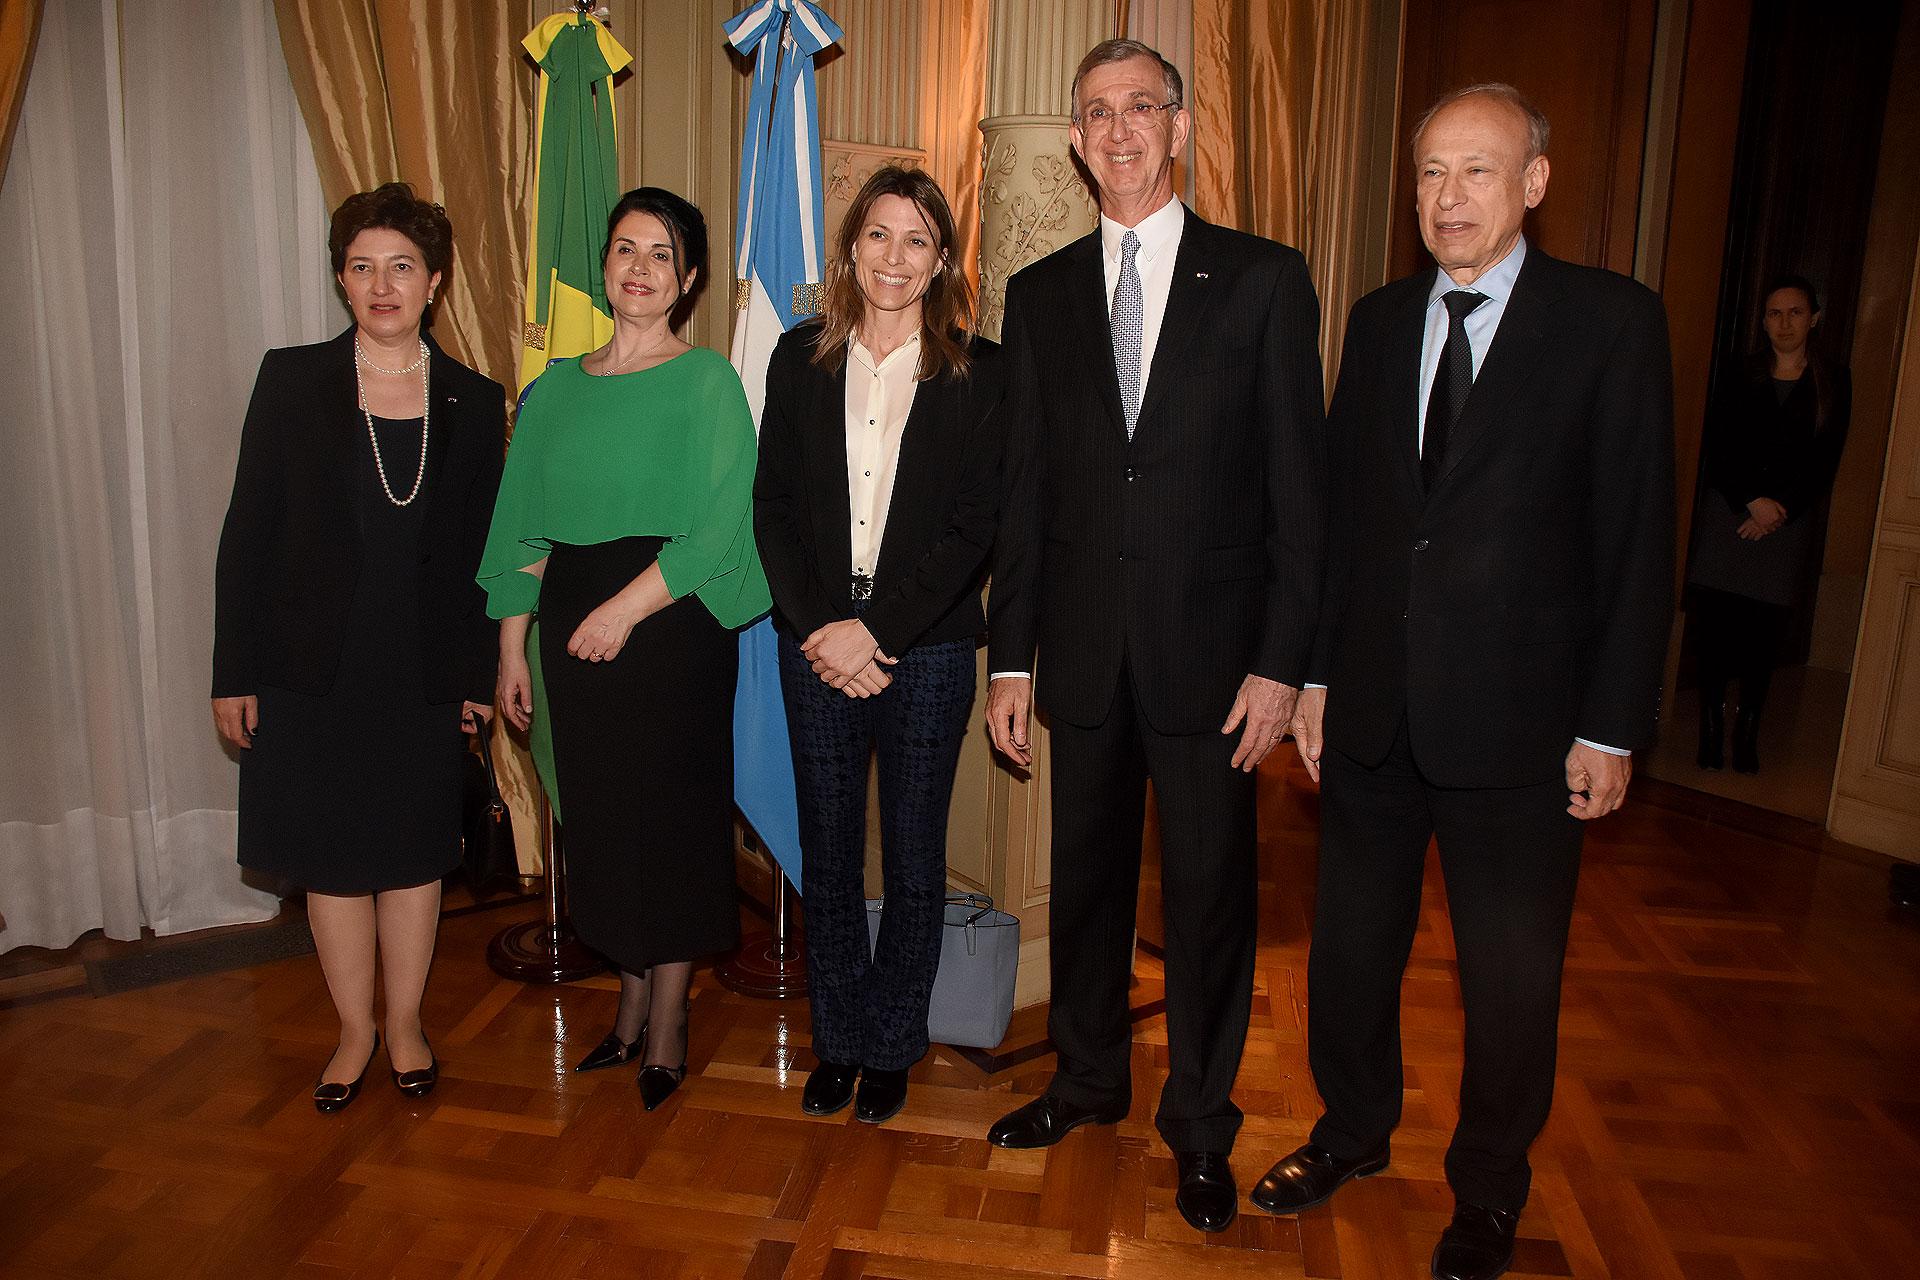 El embajador Danese y su mujer reciben a Isela Costantini y Luis Ovsejevich, presidente de la Fundación Konex